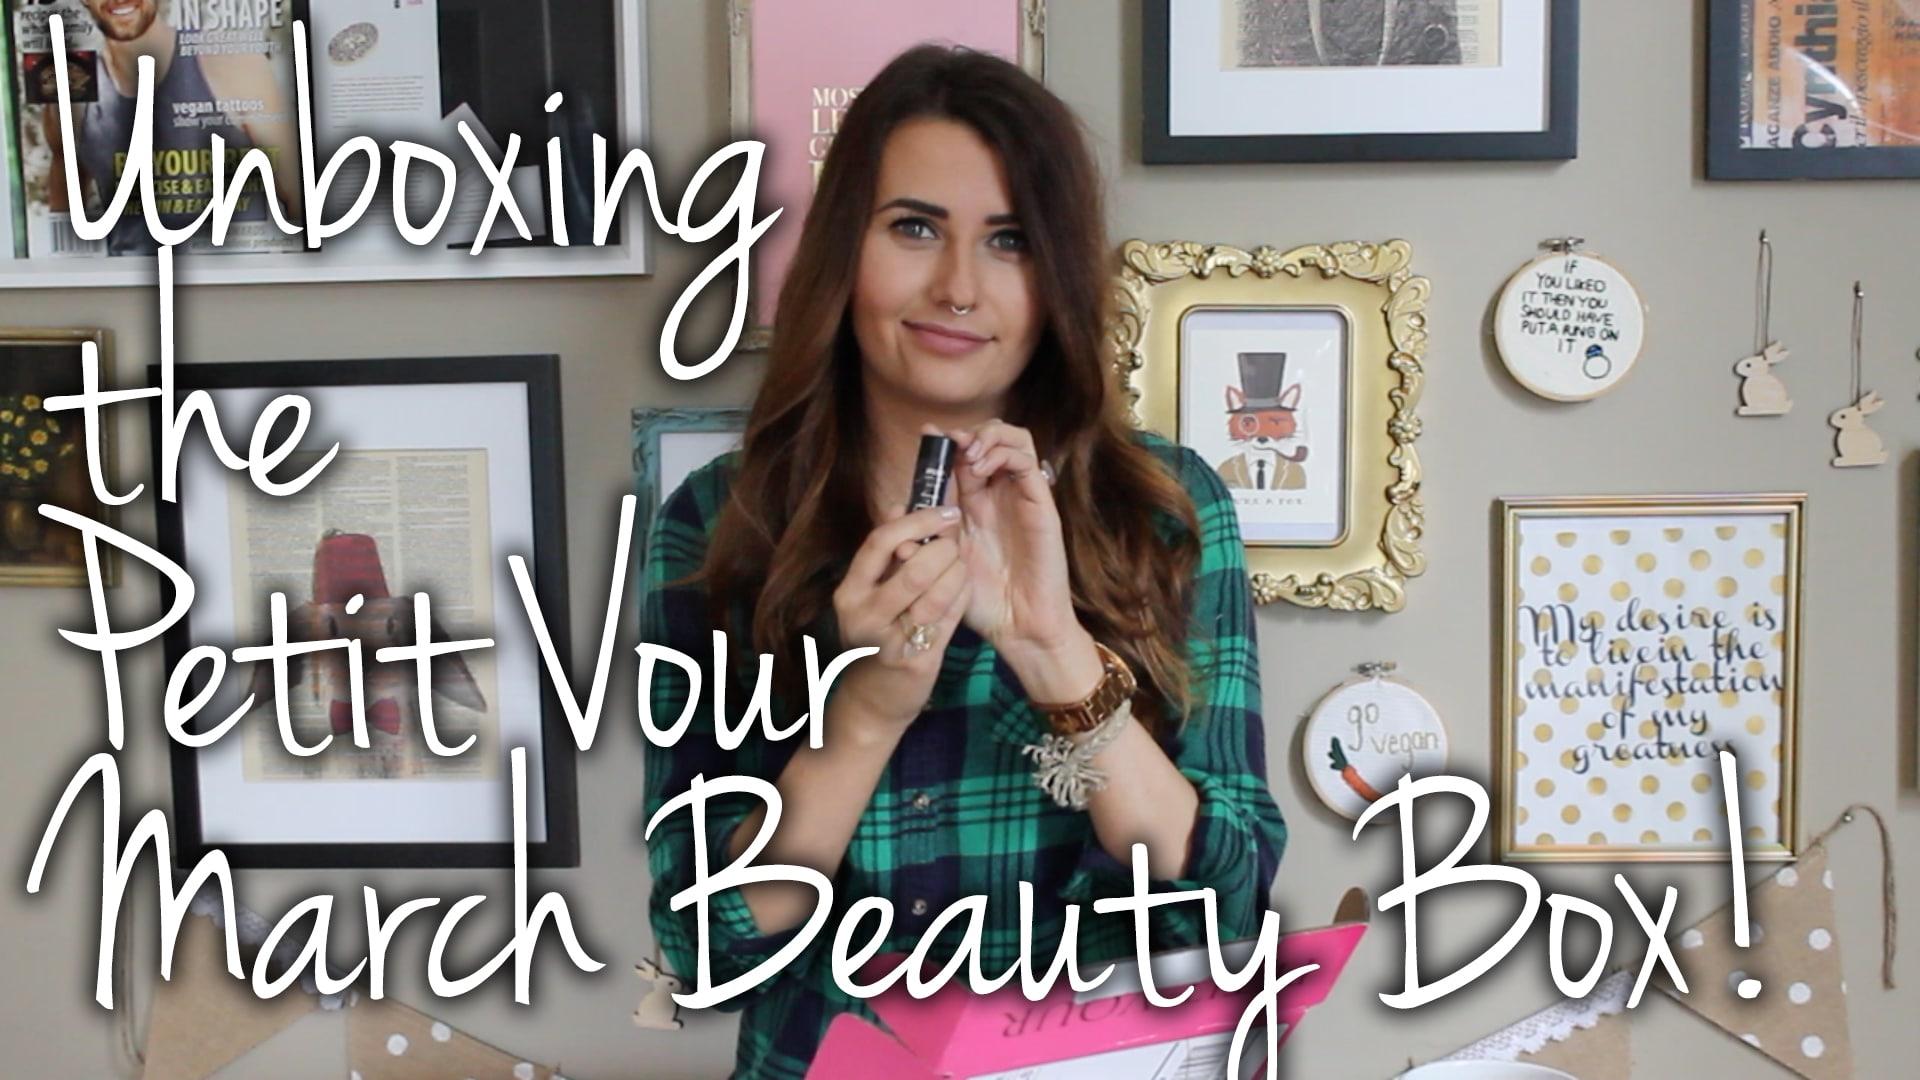 Petit Vour March 2015 Beauty Box Video